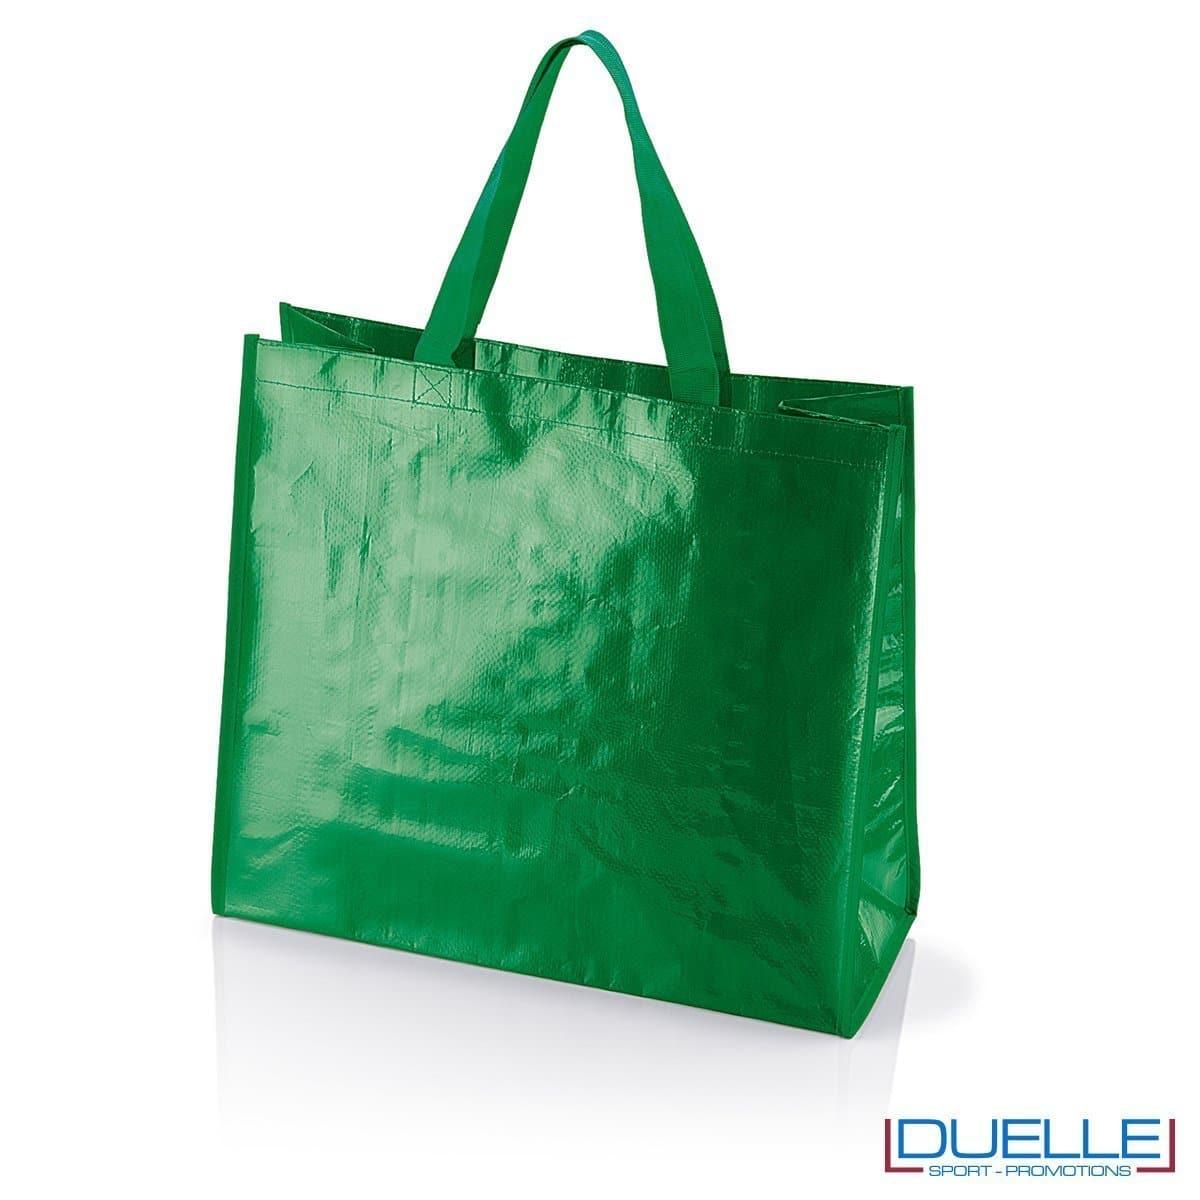 Shopper personalizzata il polipropilene verde